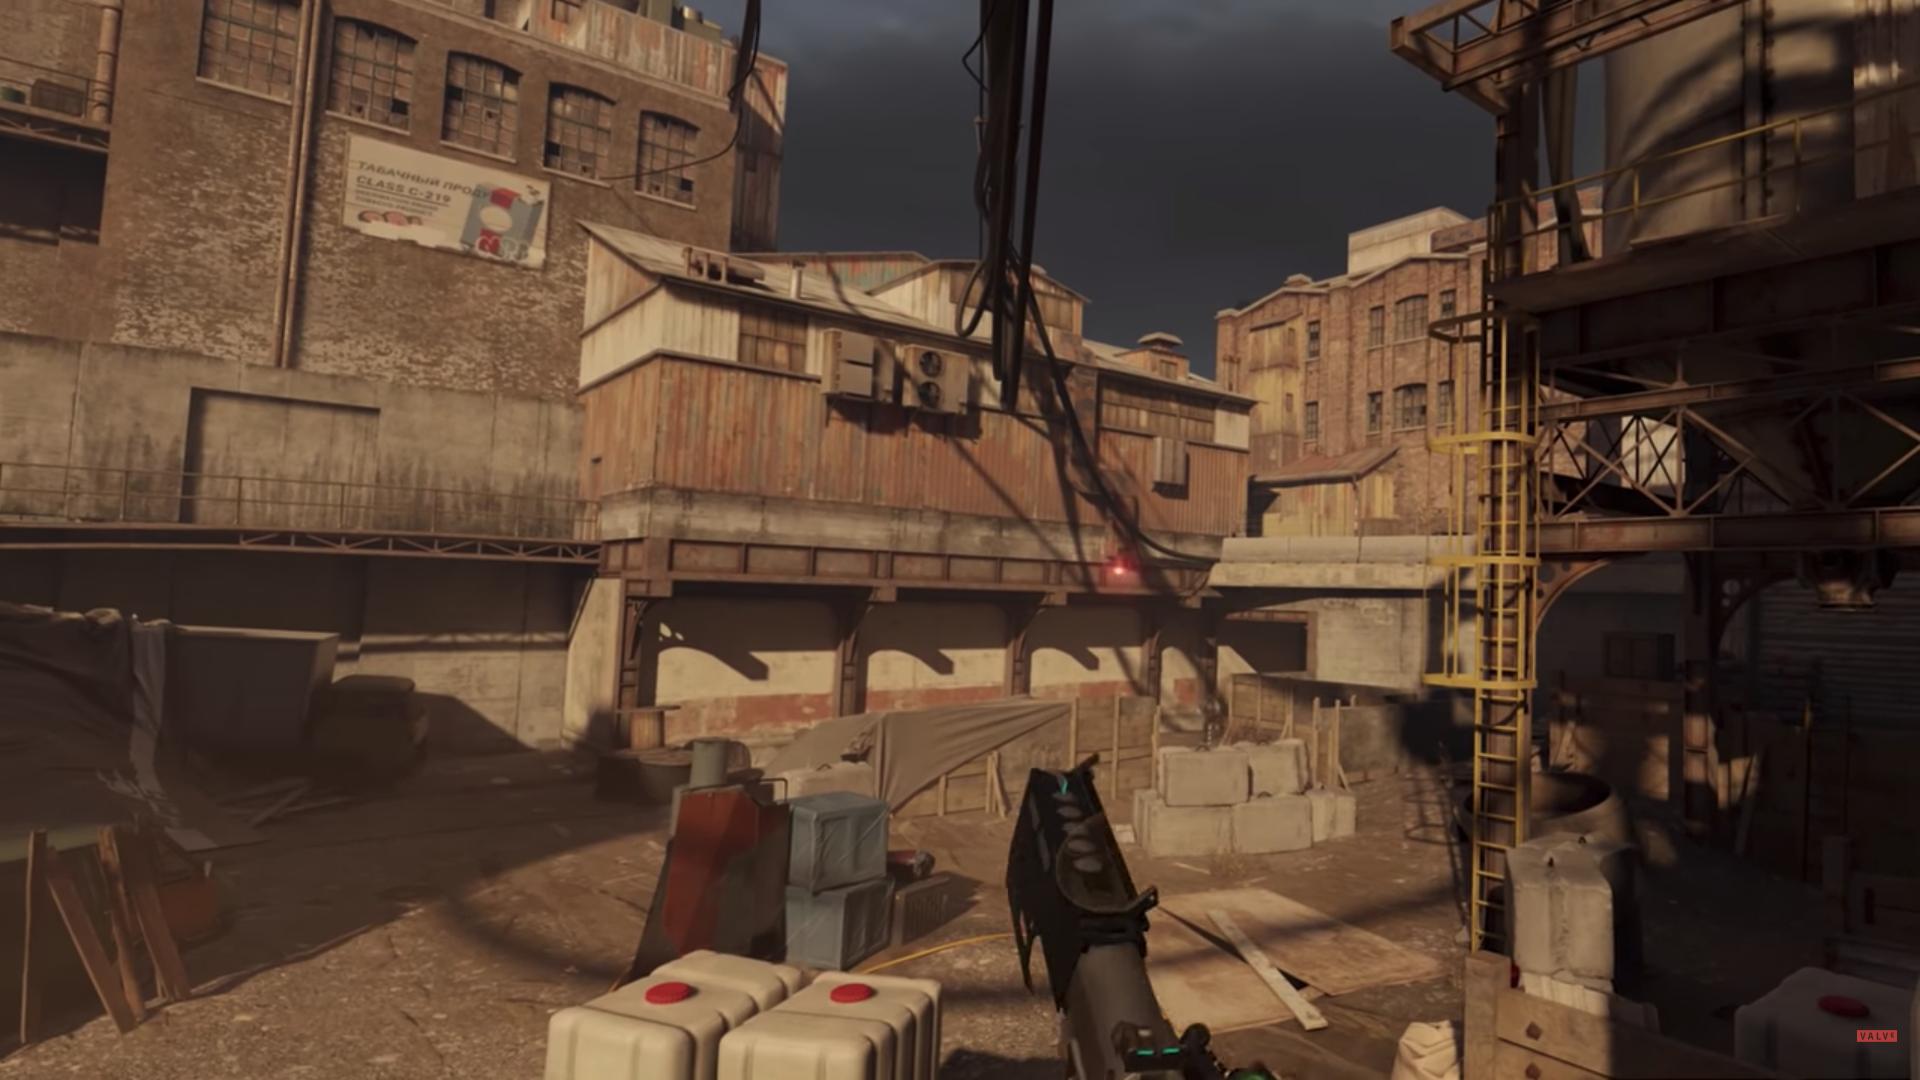 Valve ปล่อยคลิปตัวอย่างใหม่ของเกม Half-Life: Alyx รวมกว่า 10 นาที